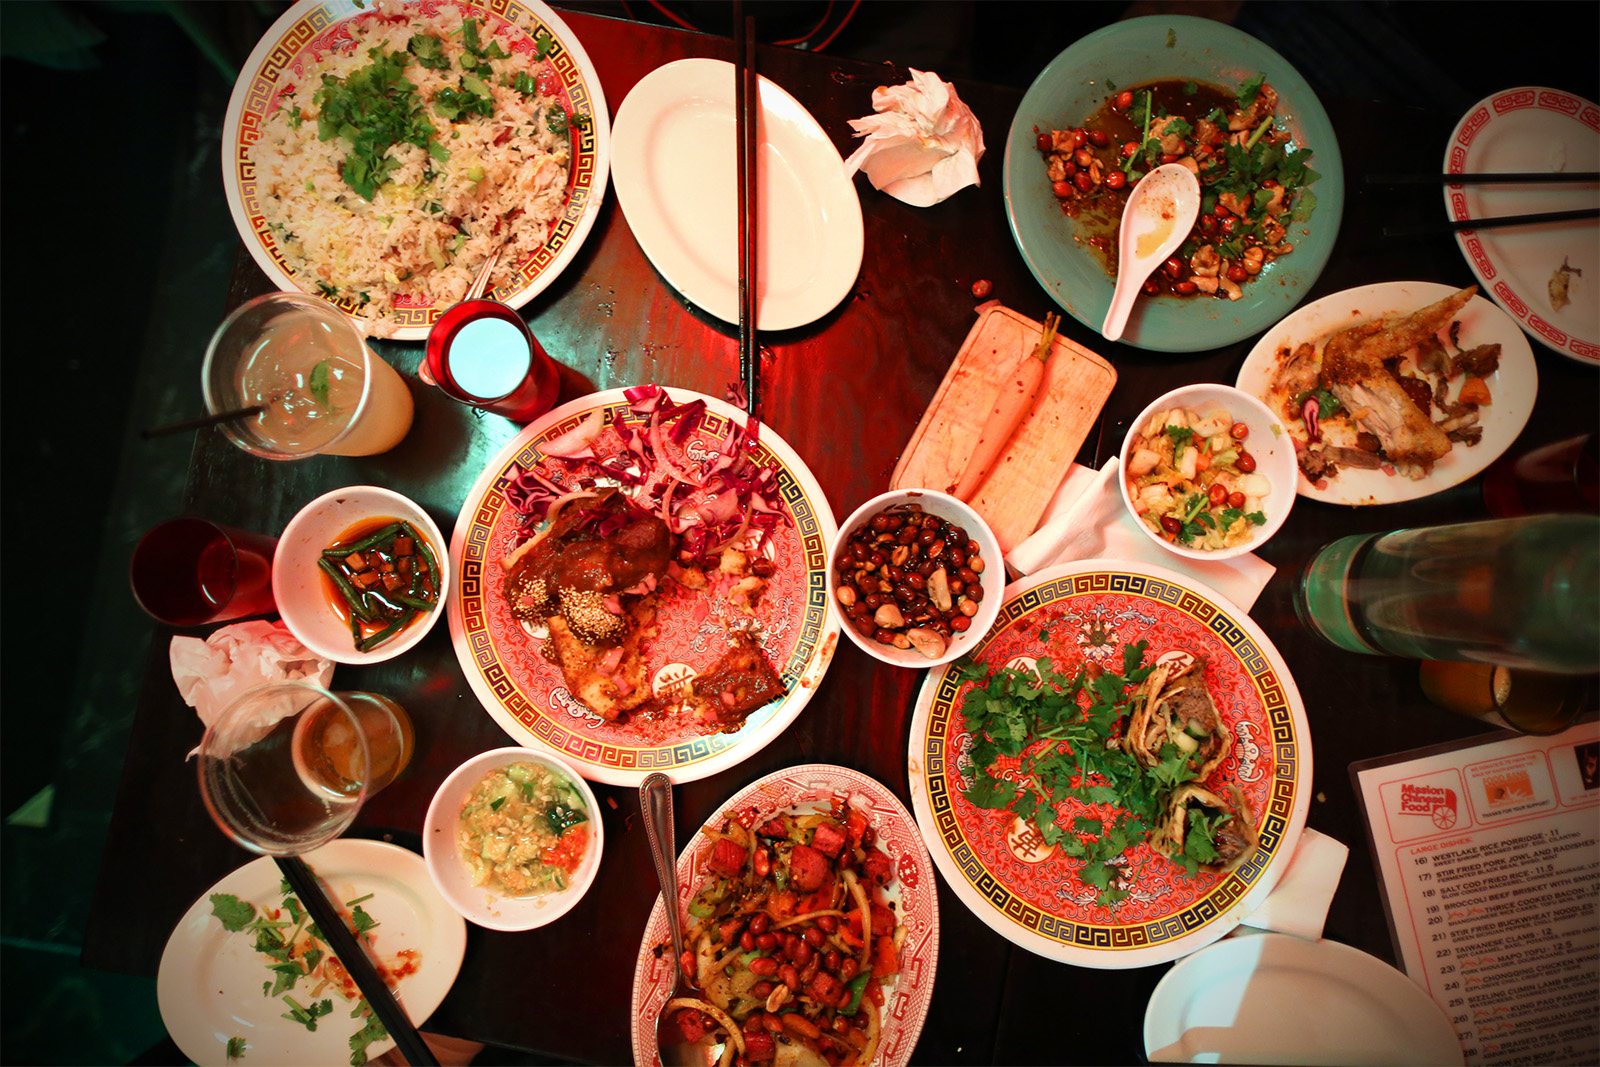 Table of Food_ Salt cod fried rice, Beijing vinegar peanuts, Tingly tea smoked chicken, Chongqing chicken wings, Beijing beef pancake.jpg